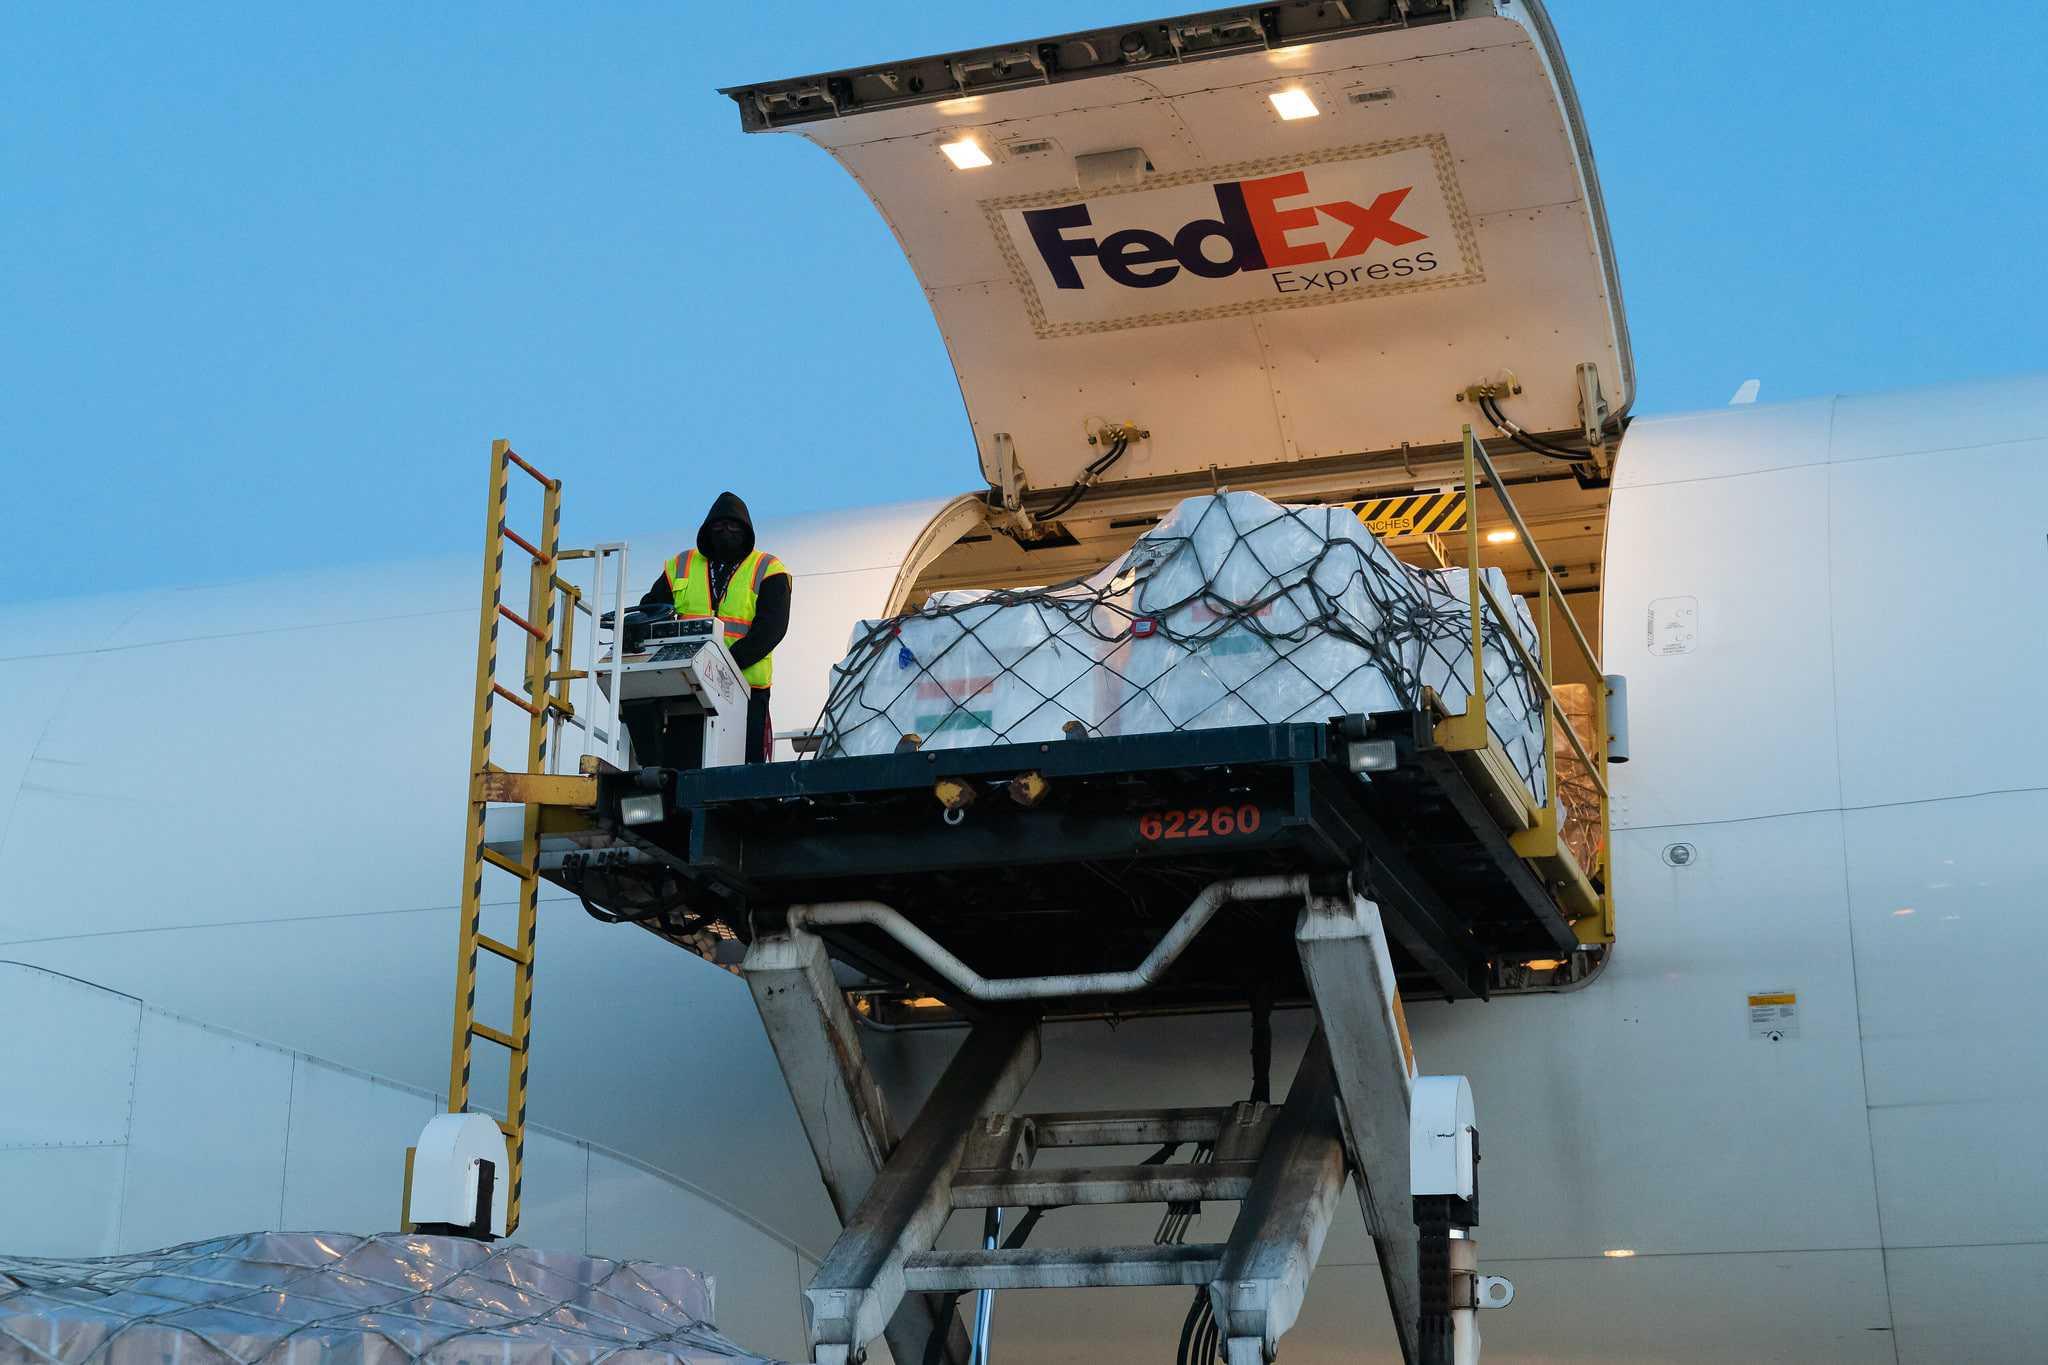 เฟดเอกซ์ขยายการสนับสนุนและจัดเที่ยวบินพิเศษครั้งที่สองเพื่อส่งอุปกรณ์ช่วยเหลือไปยังอินเดีย